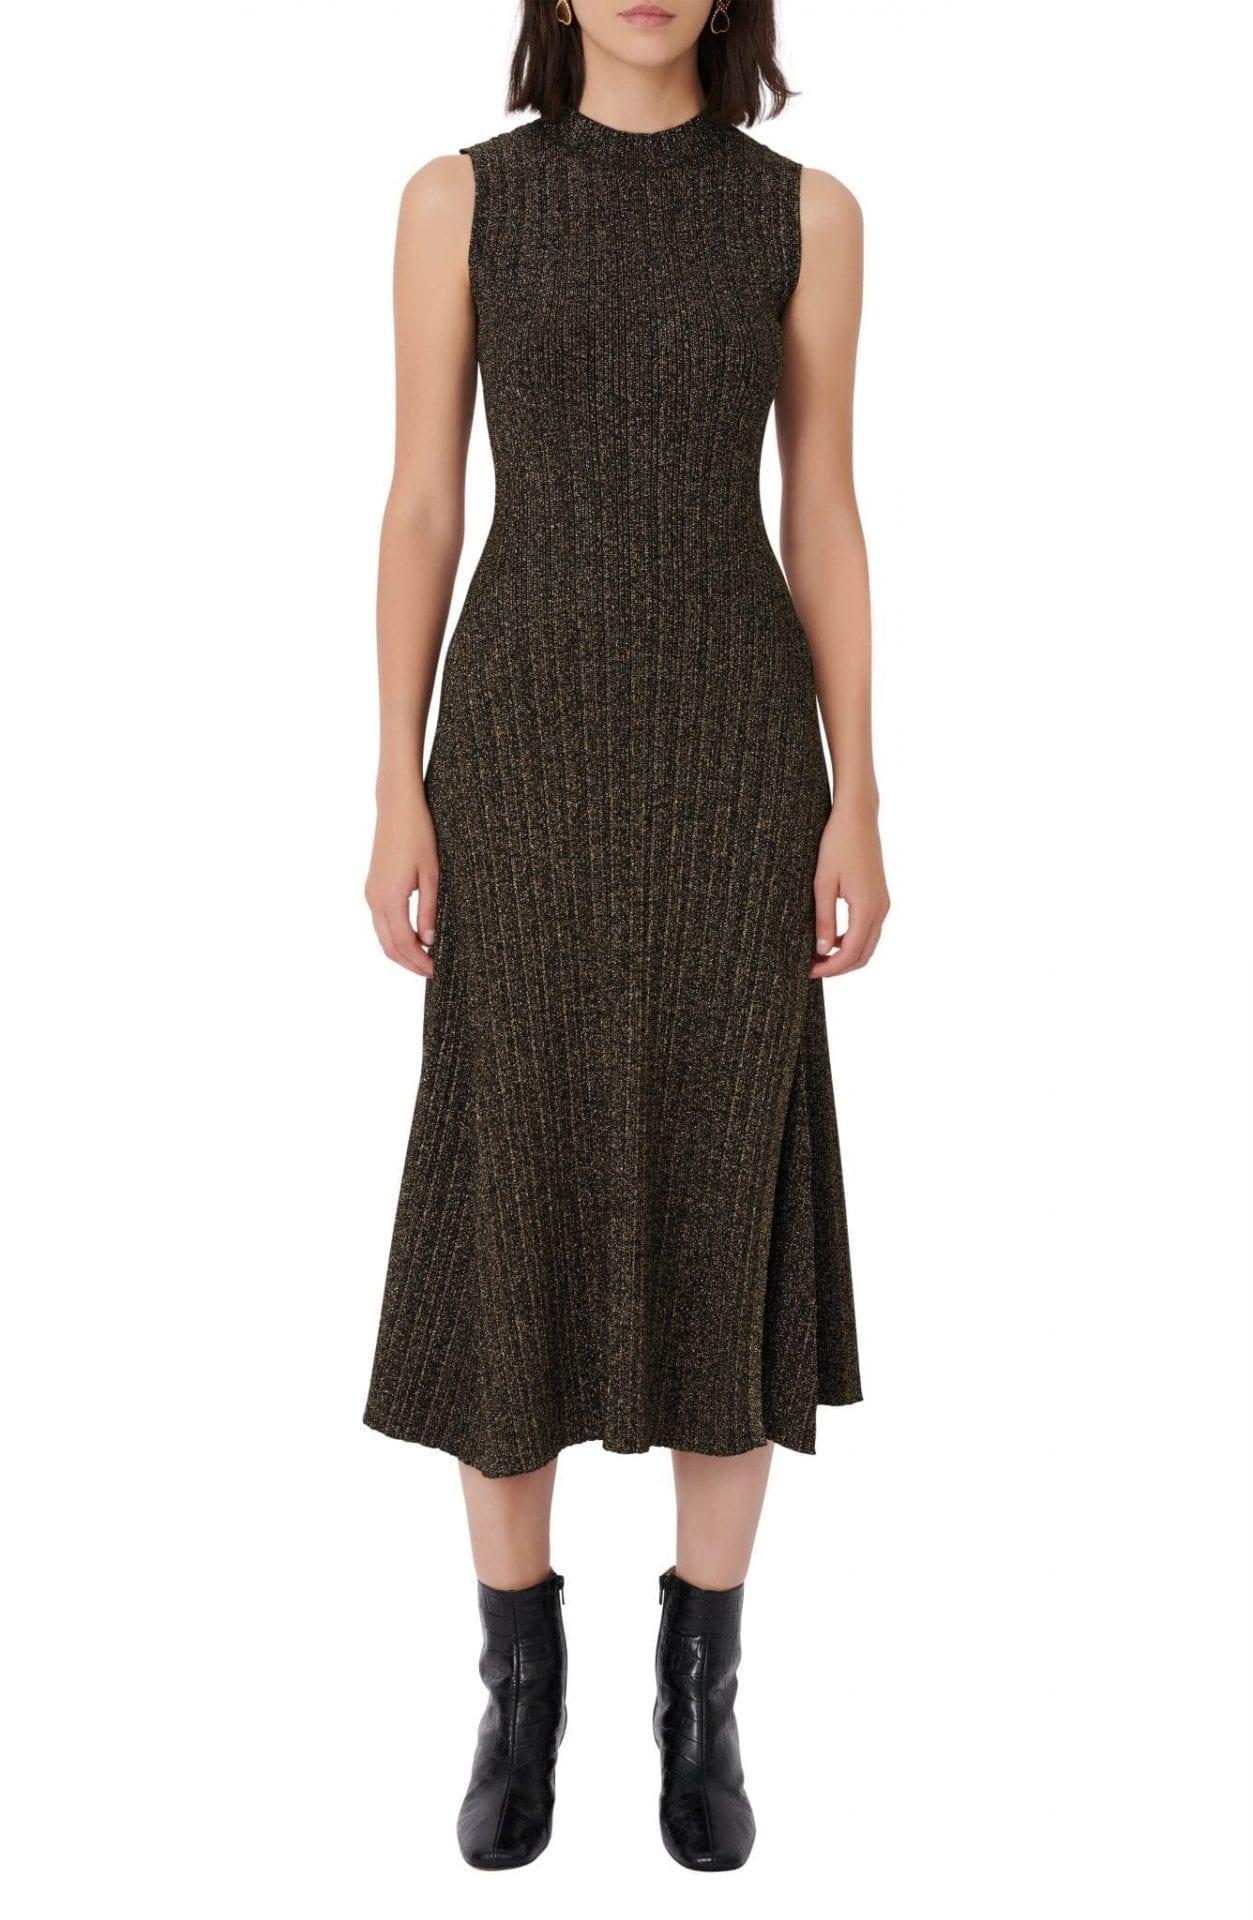 MAJE Sparkle Knit Sleeveless Dress